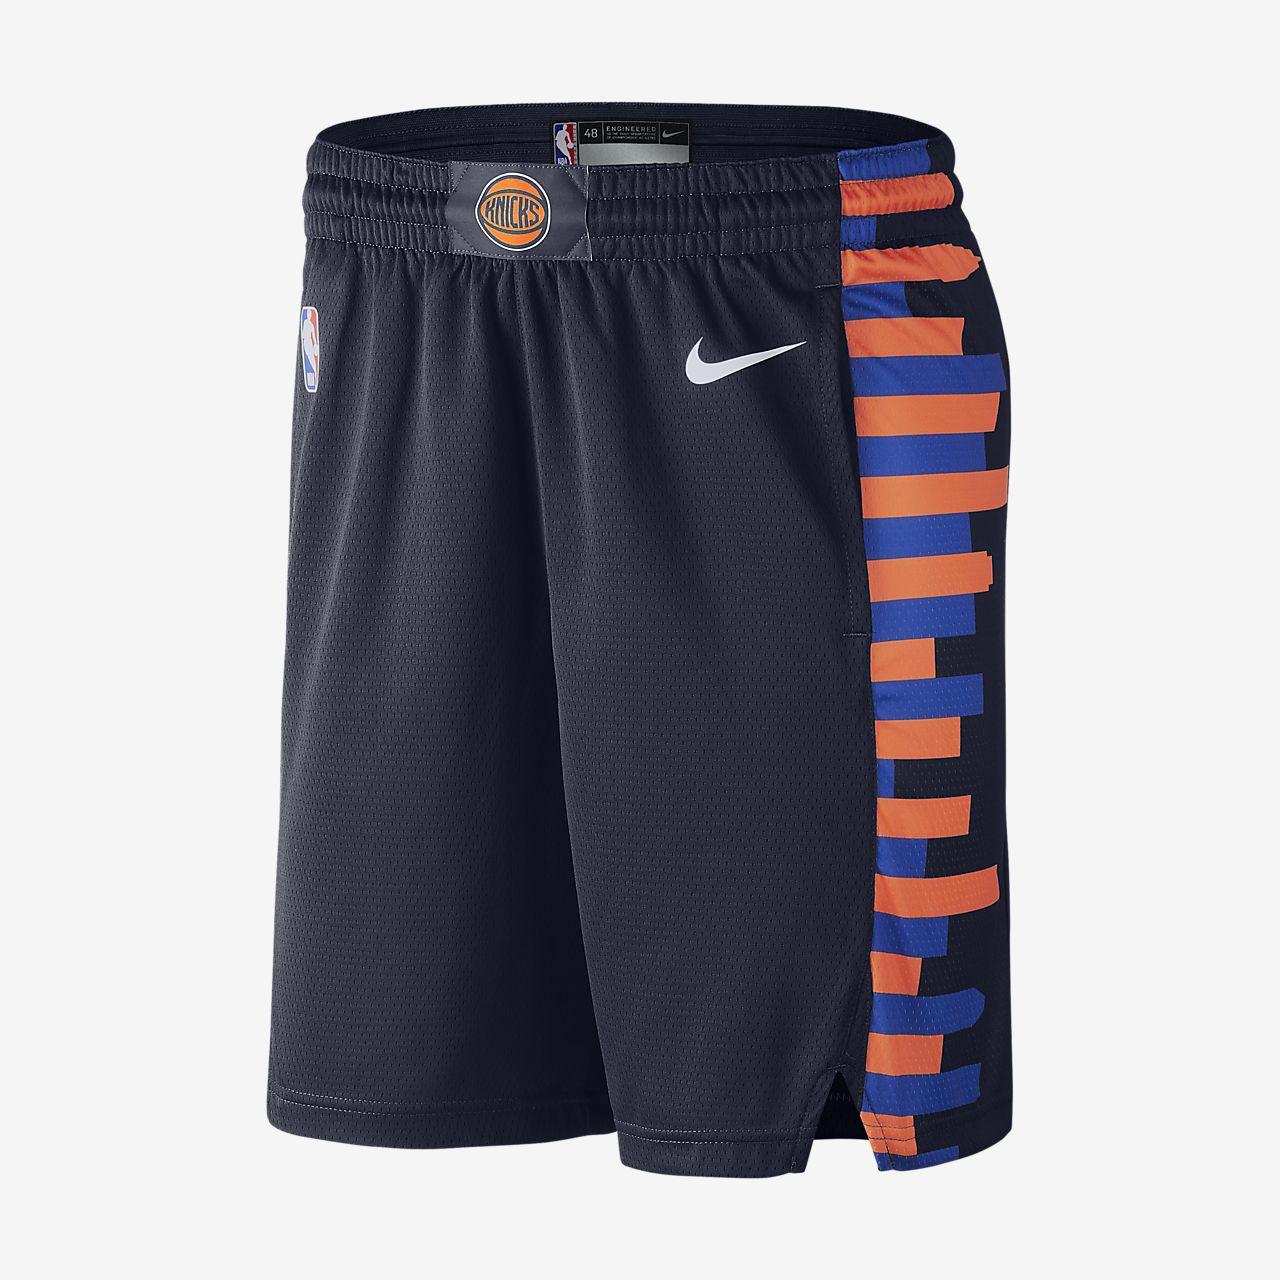 กางเกงขาสั้น Nike NBA ผู้ชาย New York Knicks City Edition Swingman